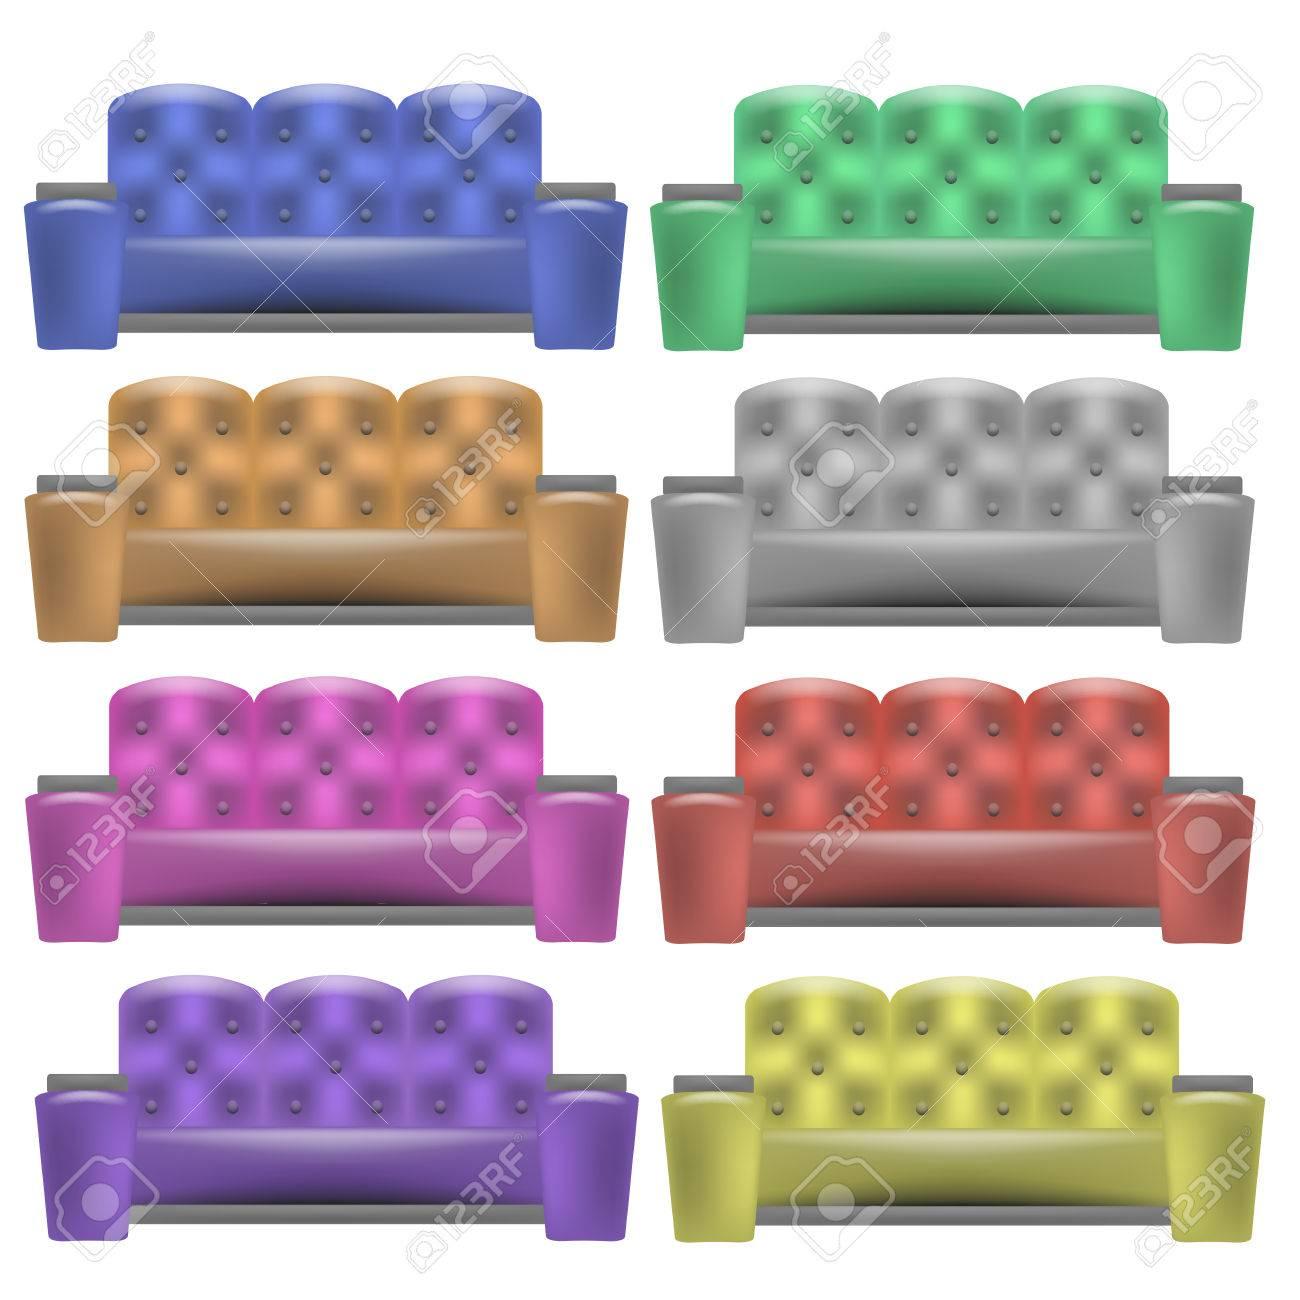 Bunte Leder Bequemen Weiches Sofa Sammlung Für Moderne Wohnzimmer Auf  Weißen Hintergrund Standard